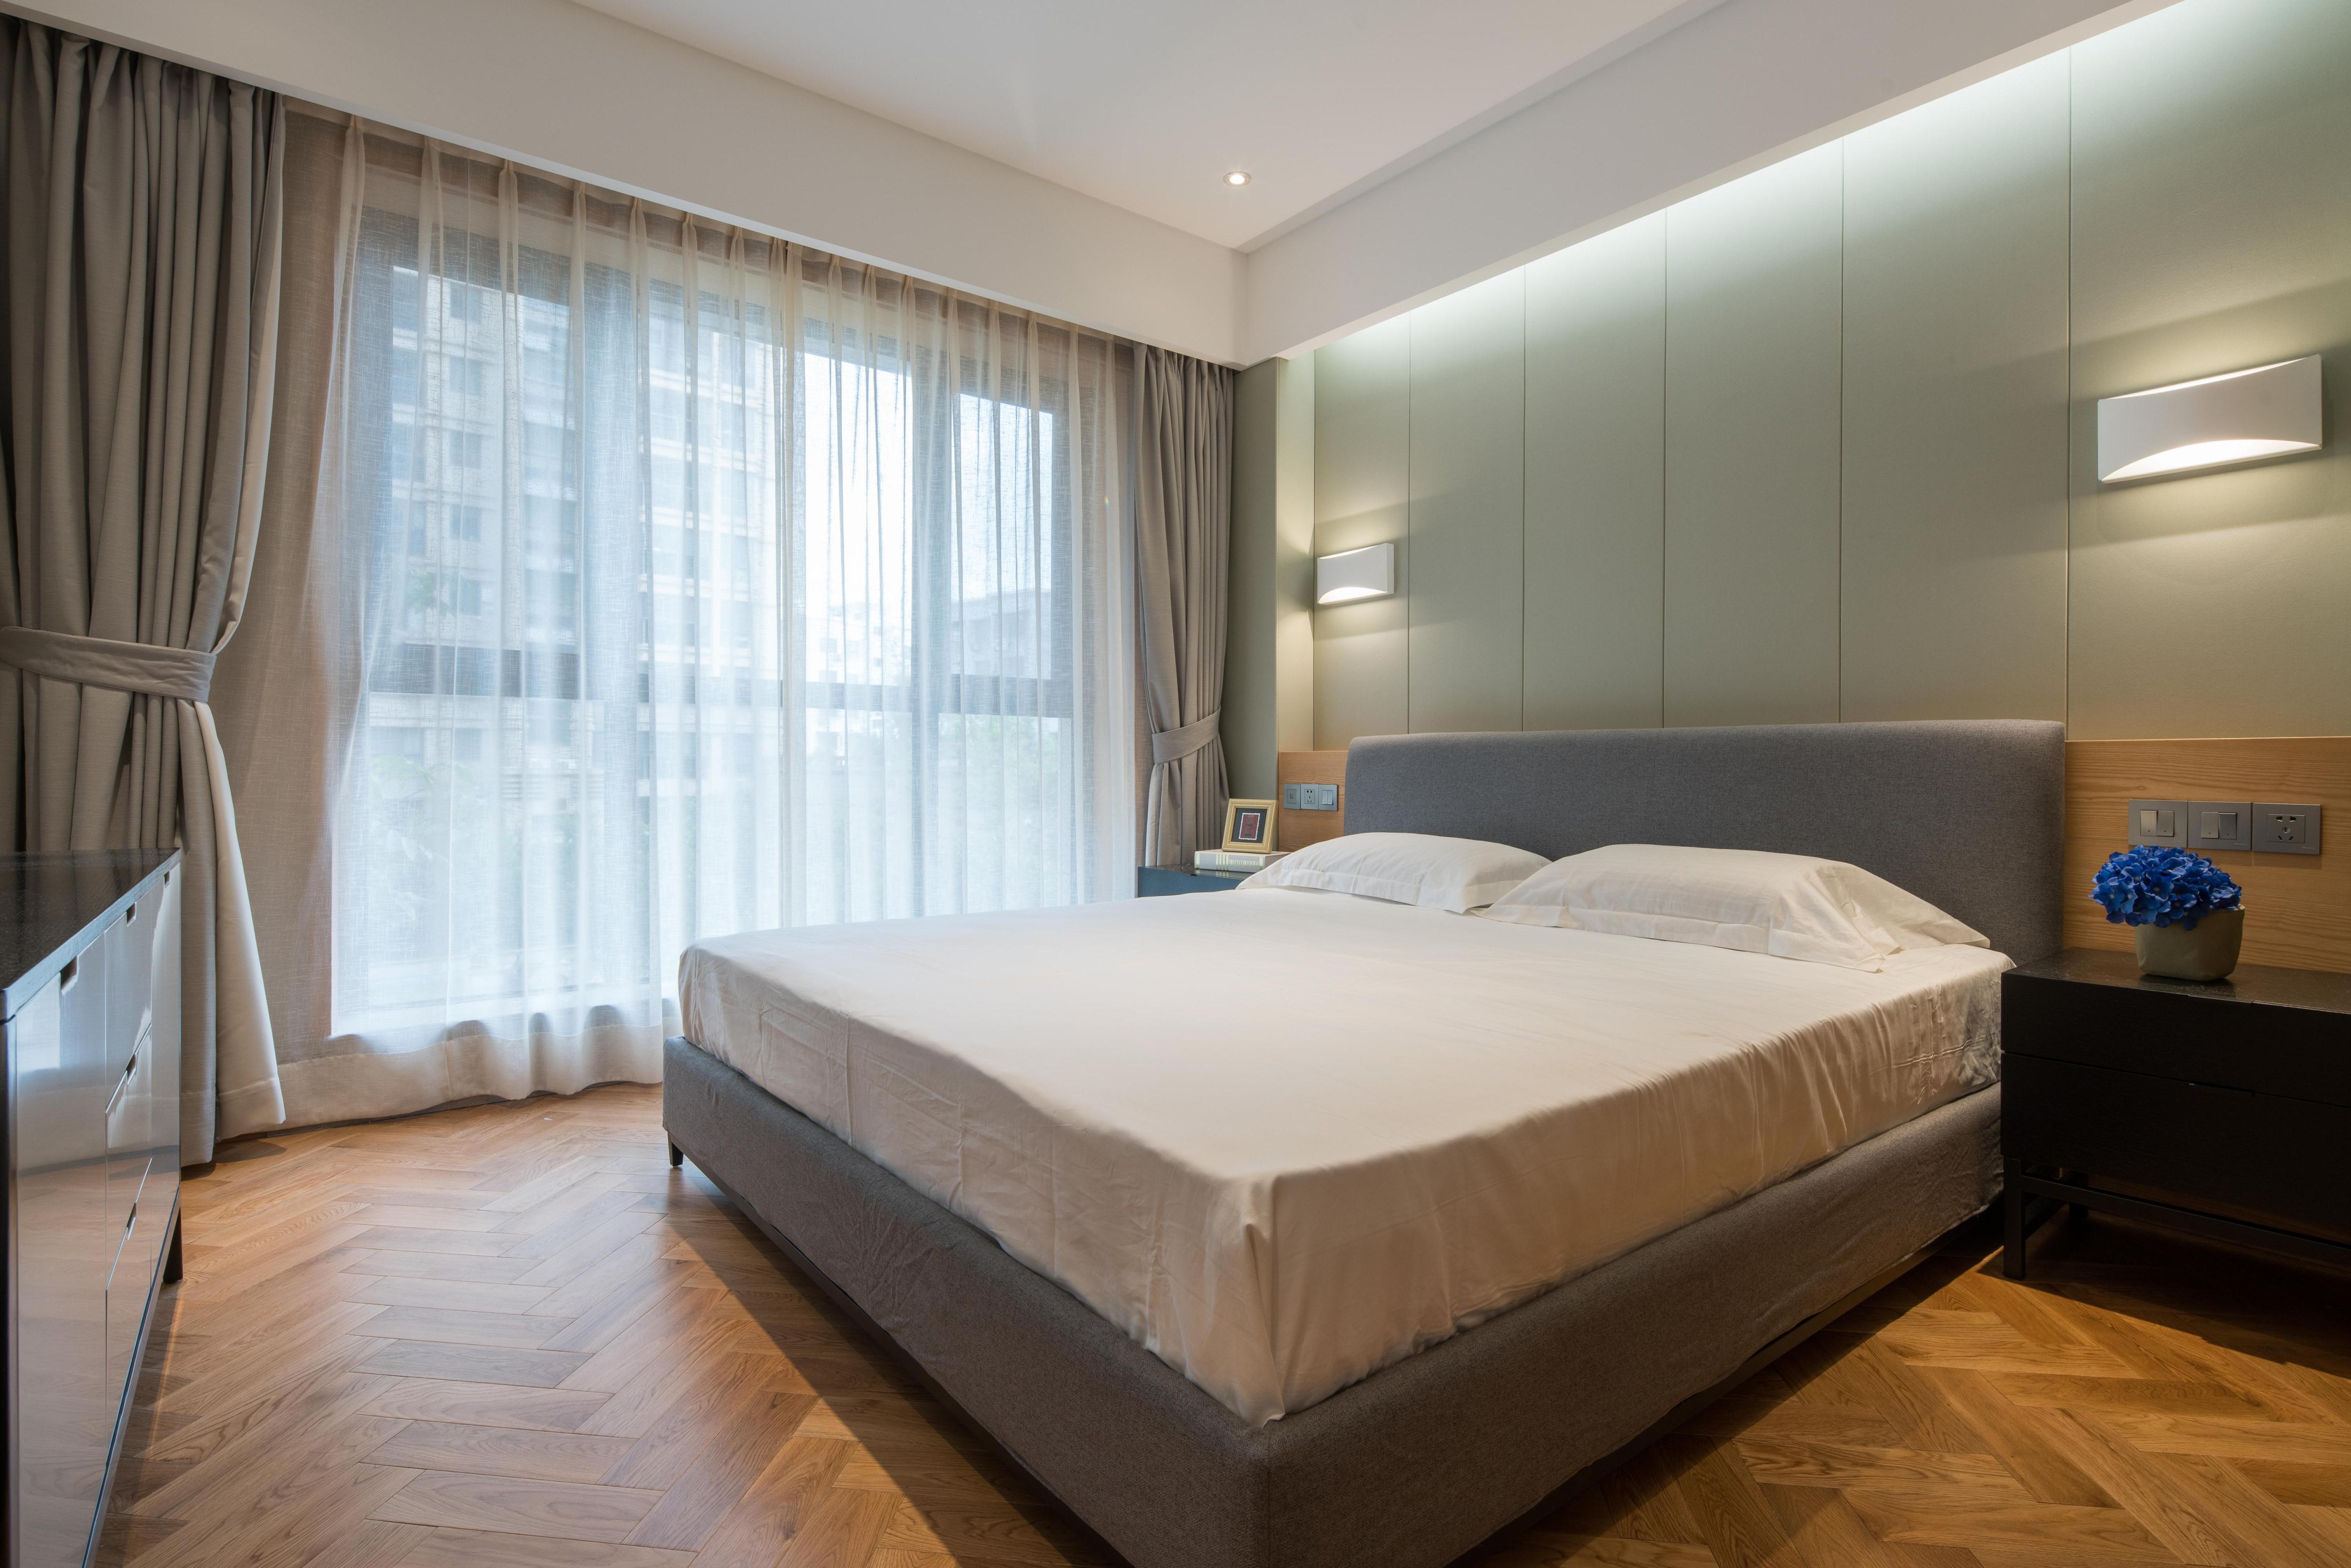 140㎡现代中式卧室装修效果图